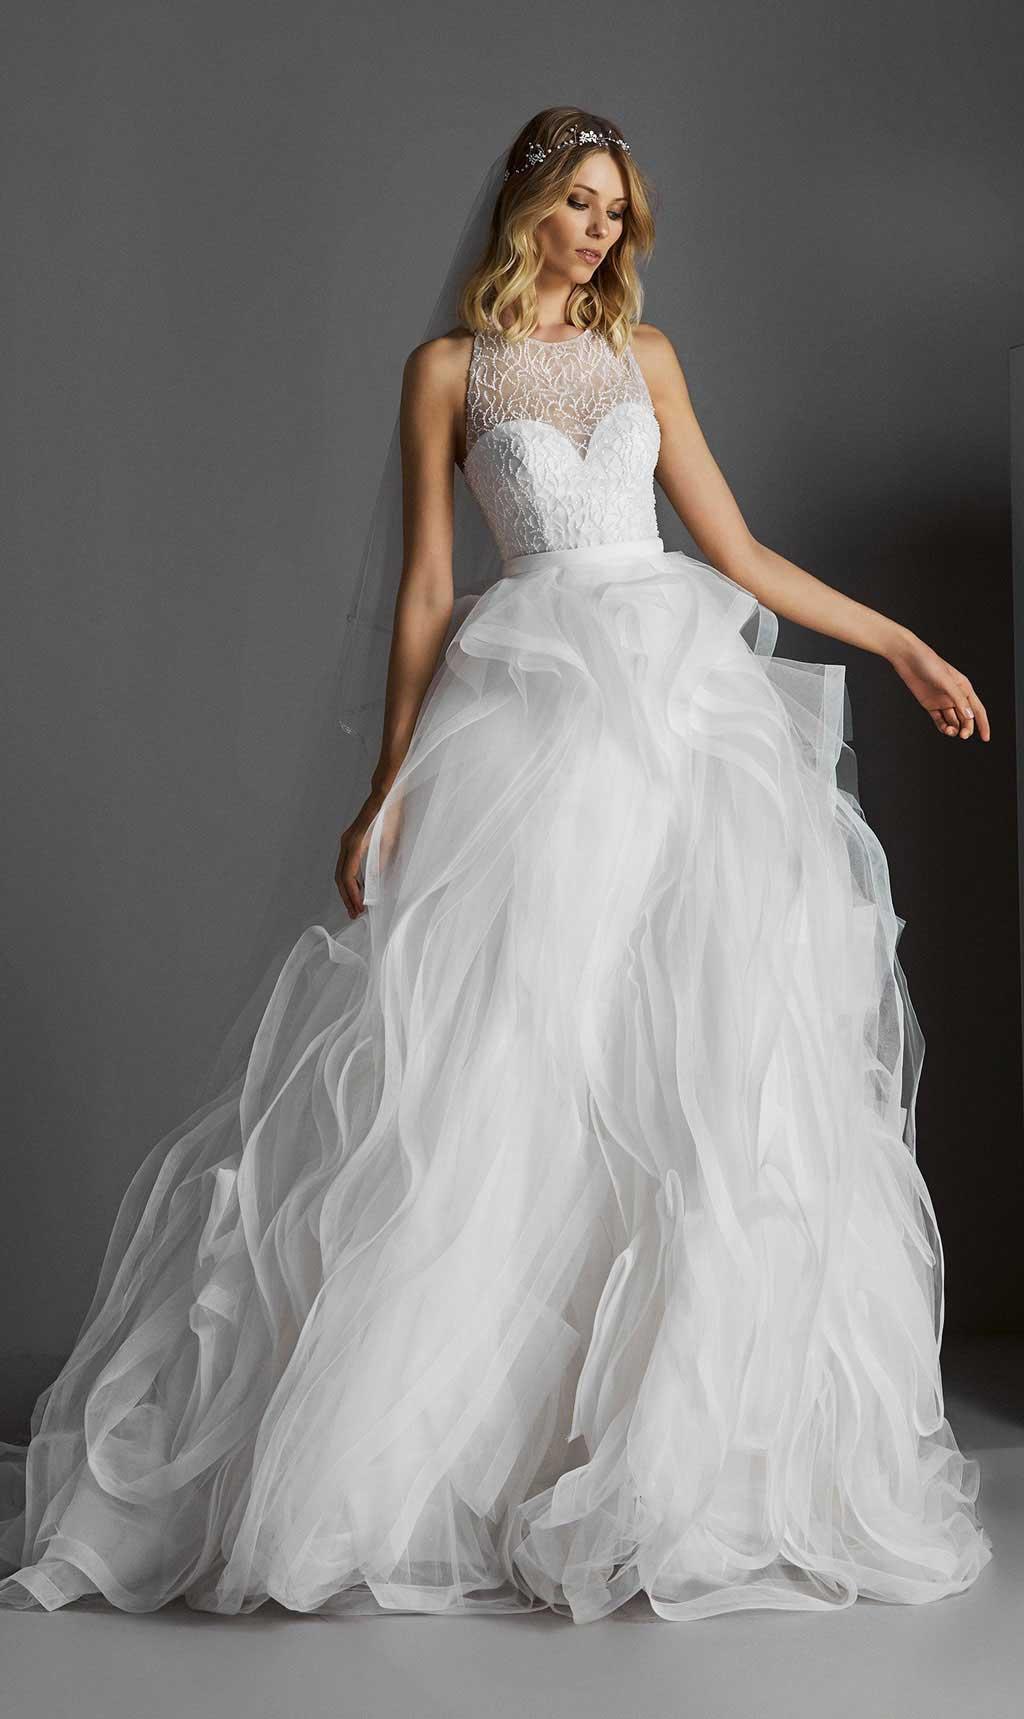 Váy cưới hoa nổi quyến rũ đơn giản.